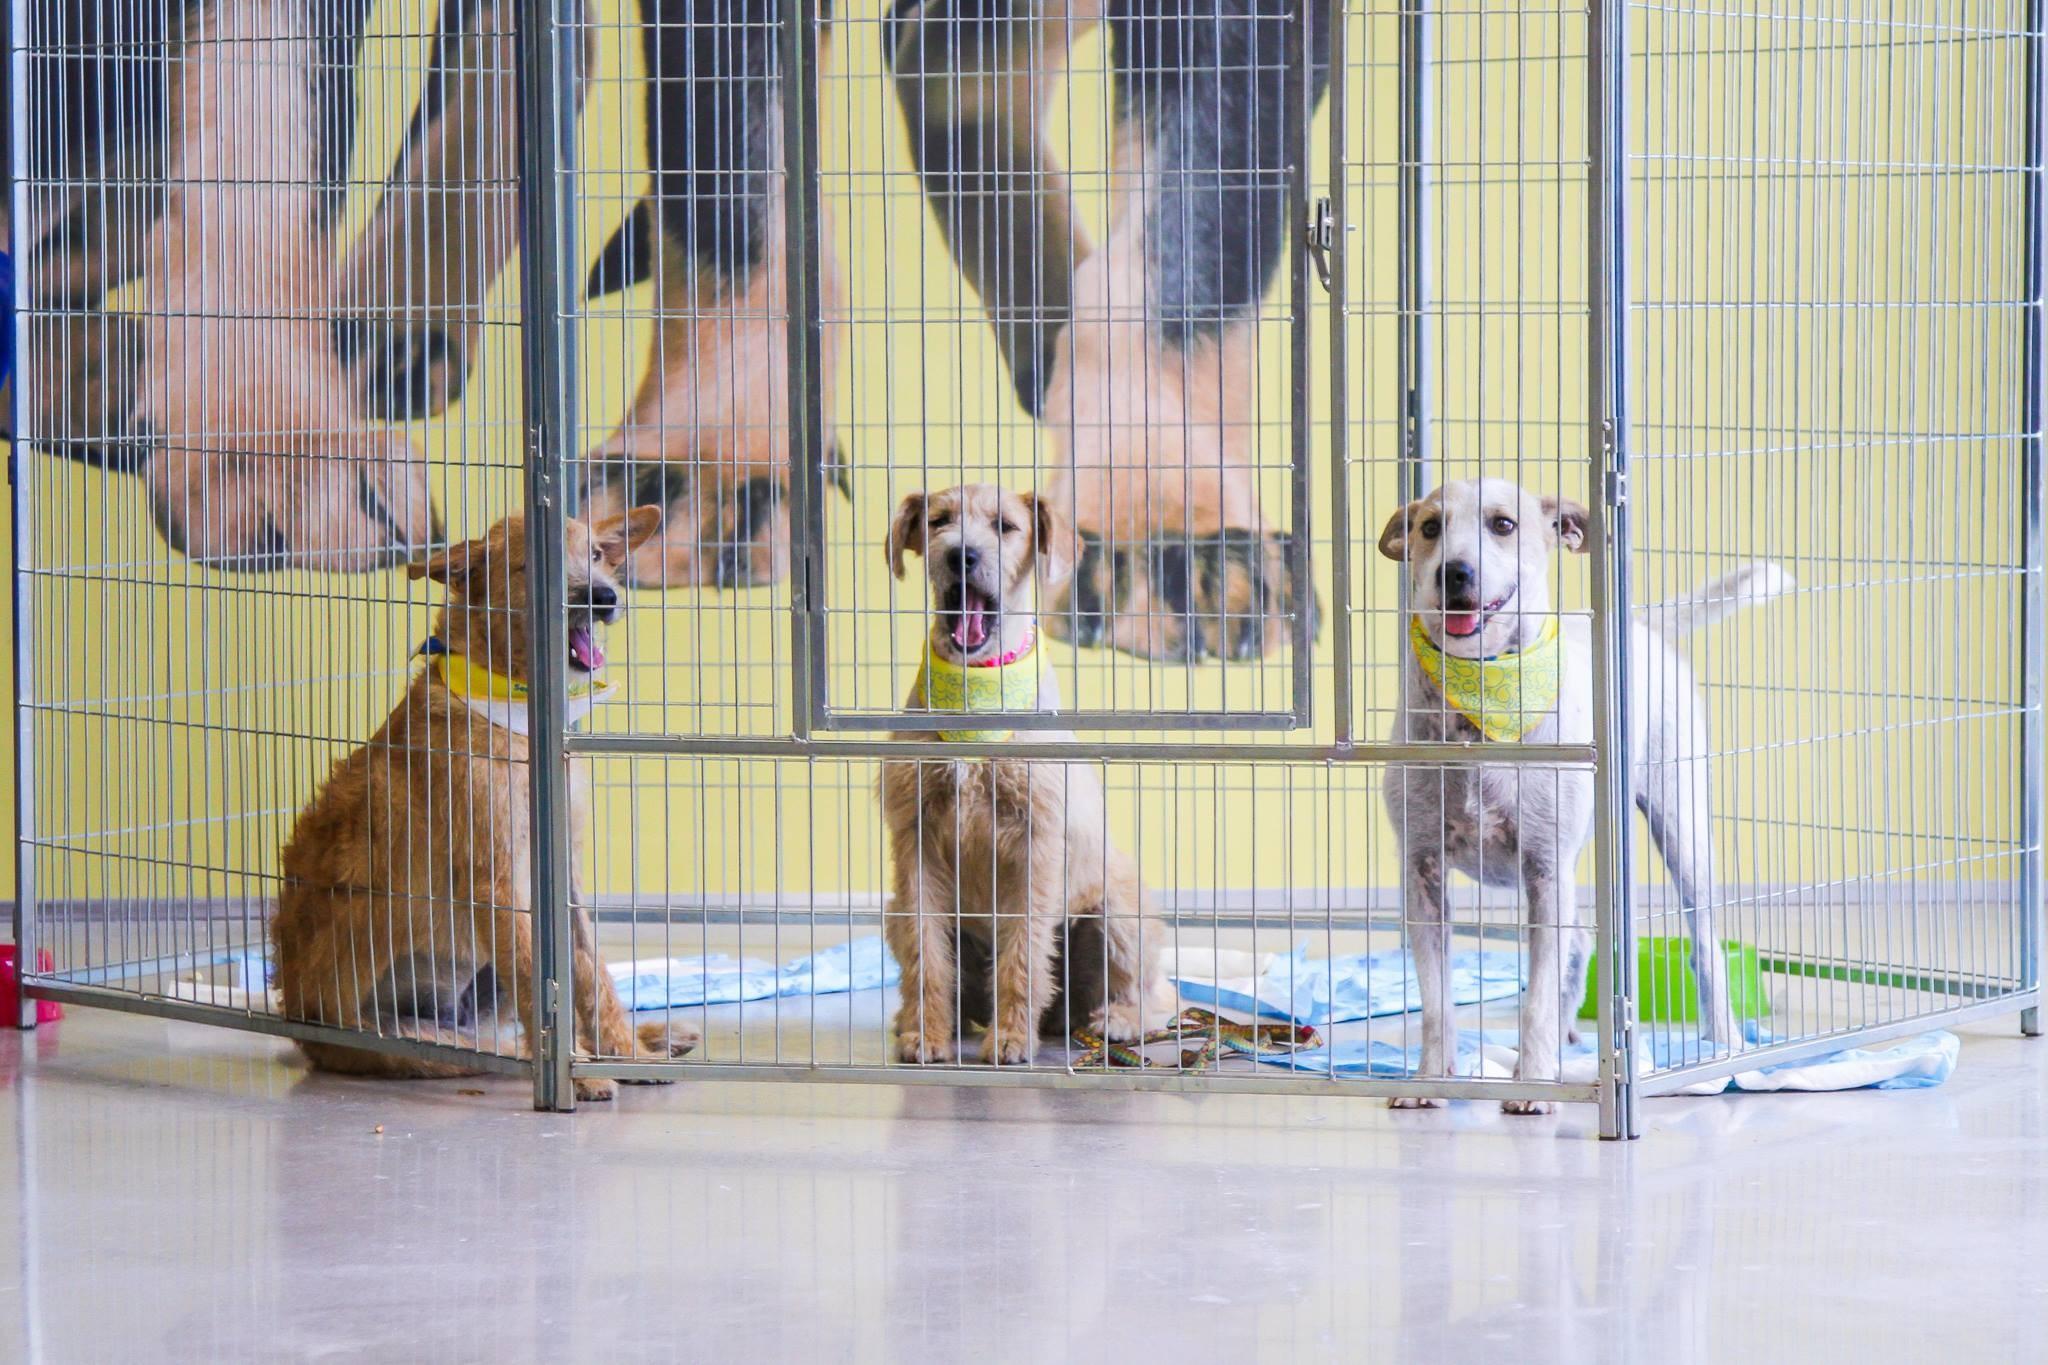 Rede de petshop Petz anunciou que irá parar de vender  cães e gatos (Foto: Reprodução/Facebook)